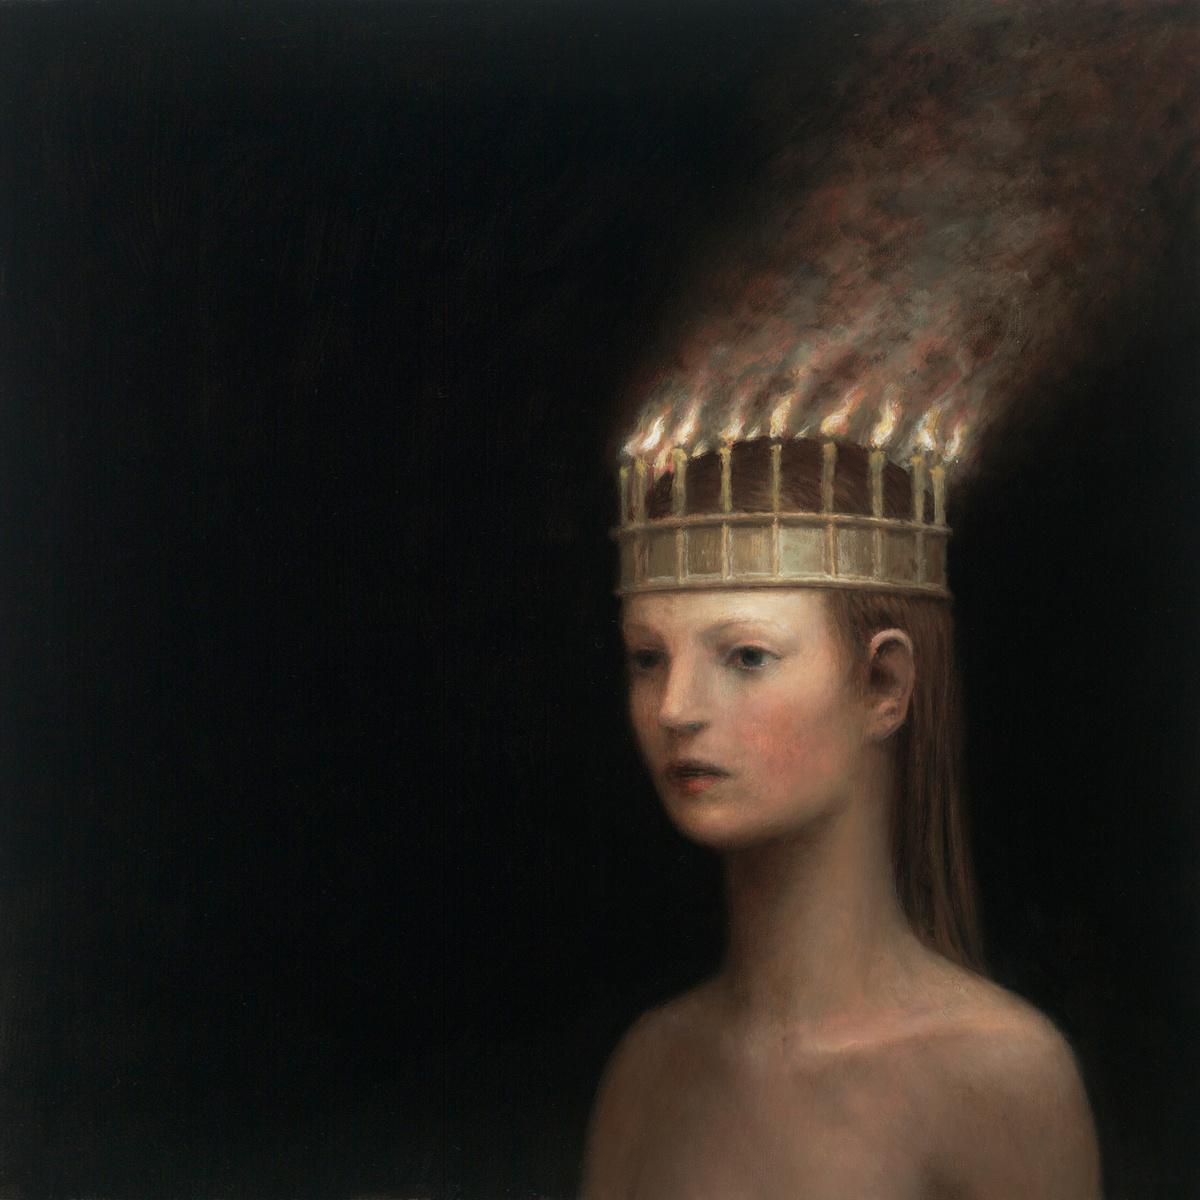 mantar death by burning